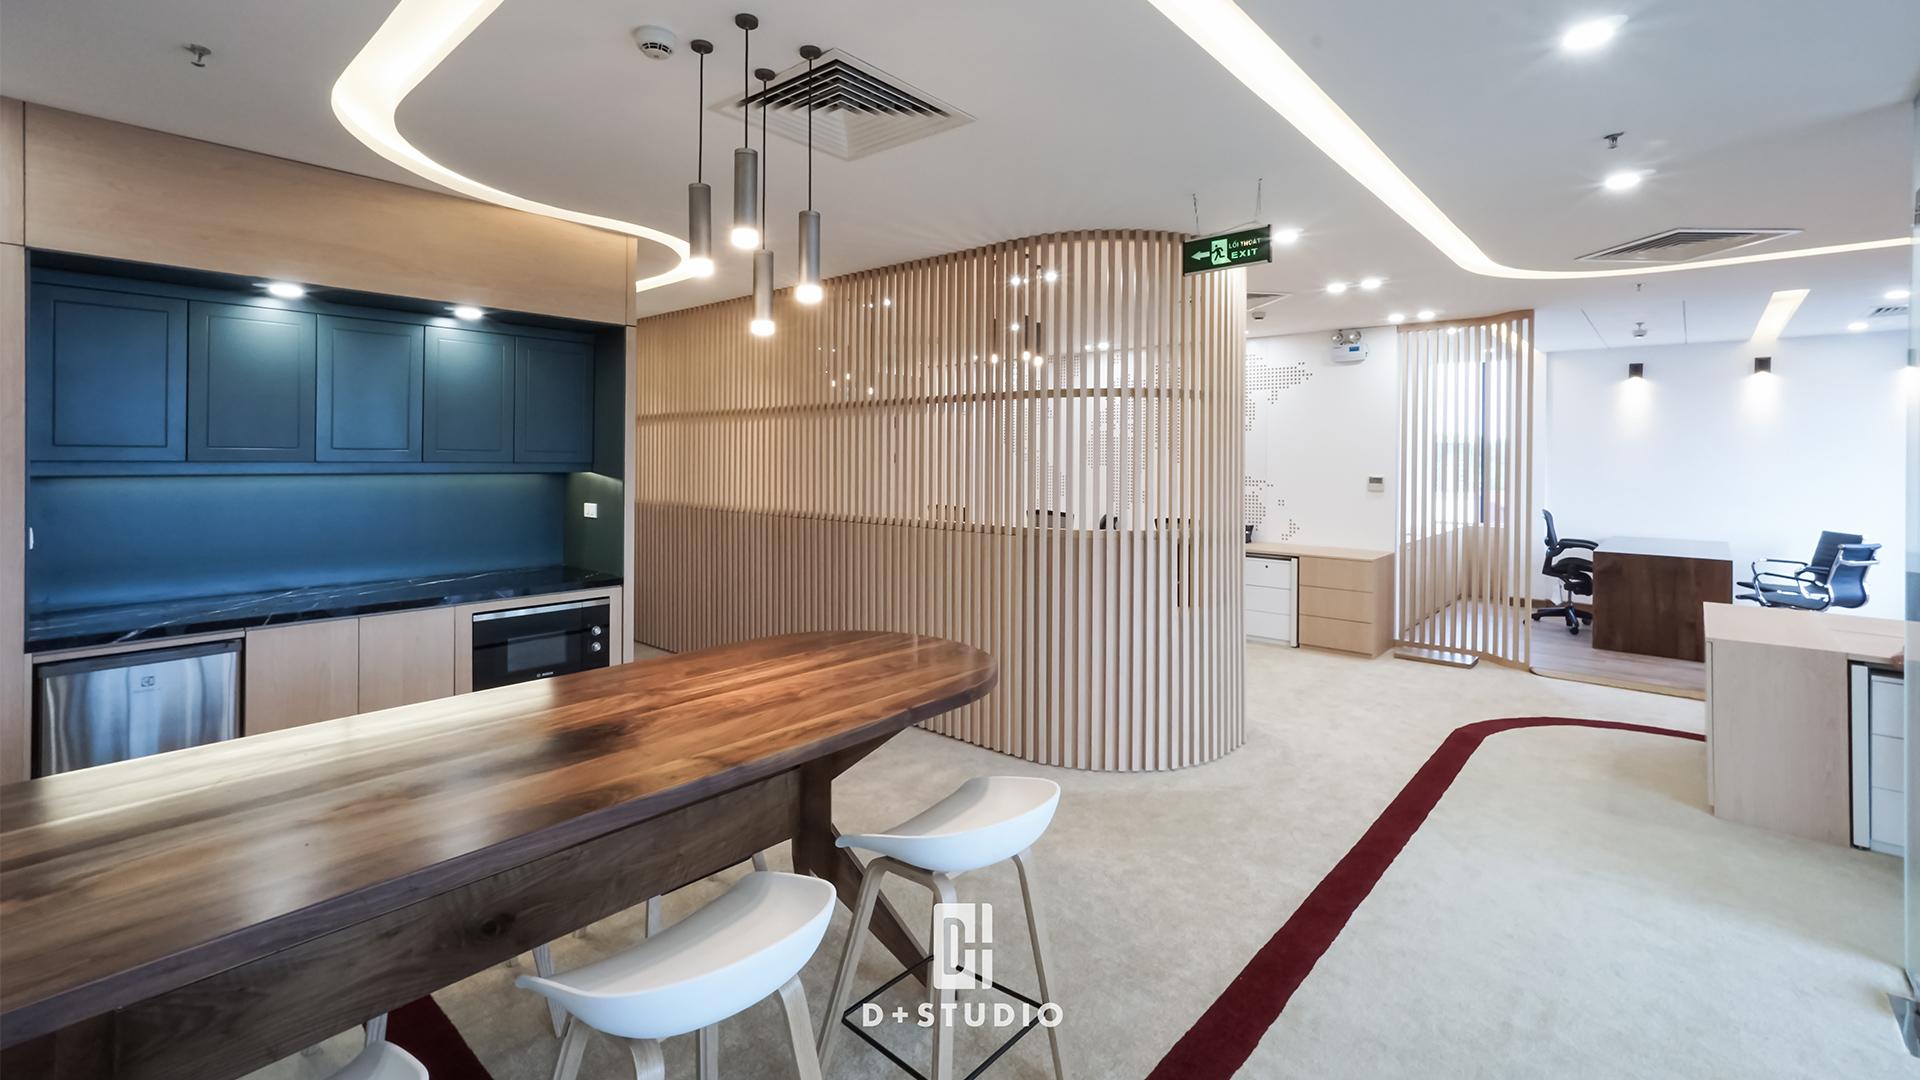 thiết kế nội thất văn phòng làm việc cho doanh nghiệp với mức đầu tư thấp